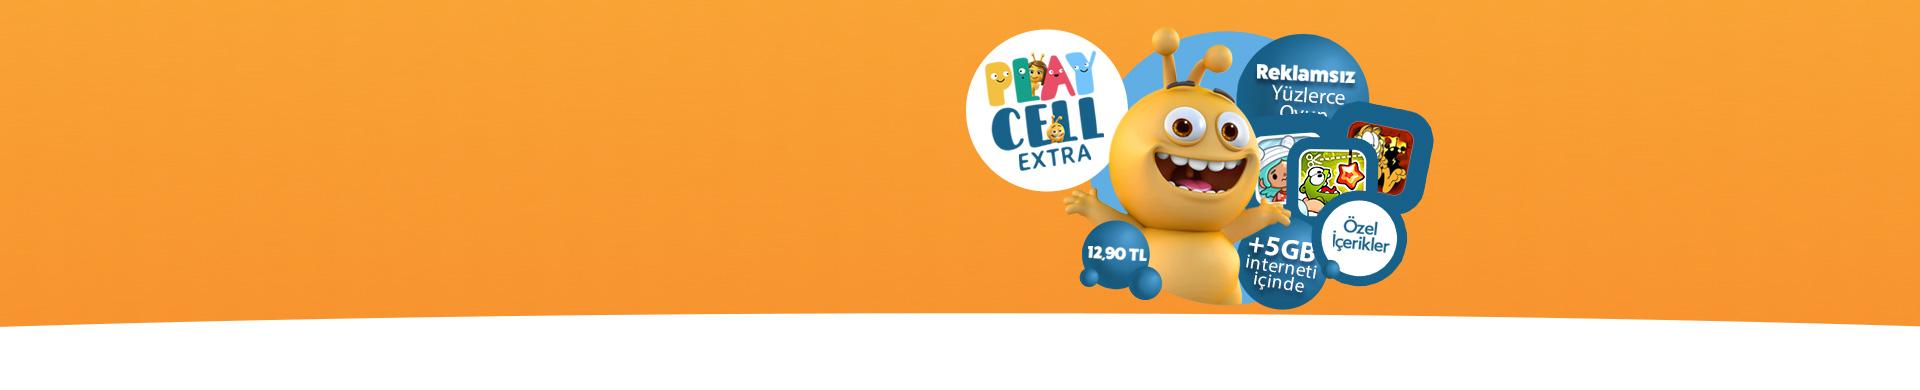 Playcell Extra Fırsatı En sevilen oyunları ücretsiz ve reklamsız oynayın!